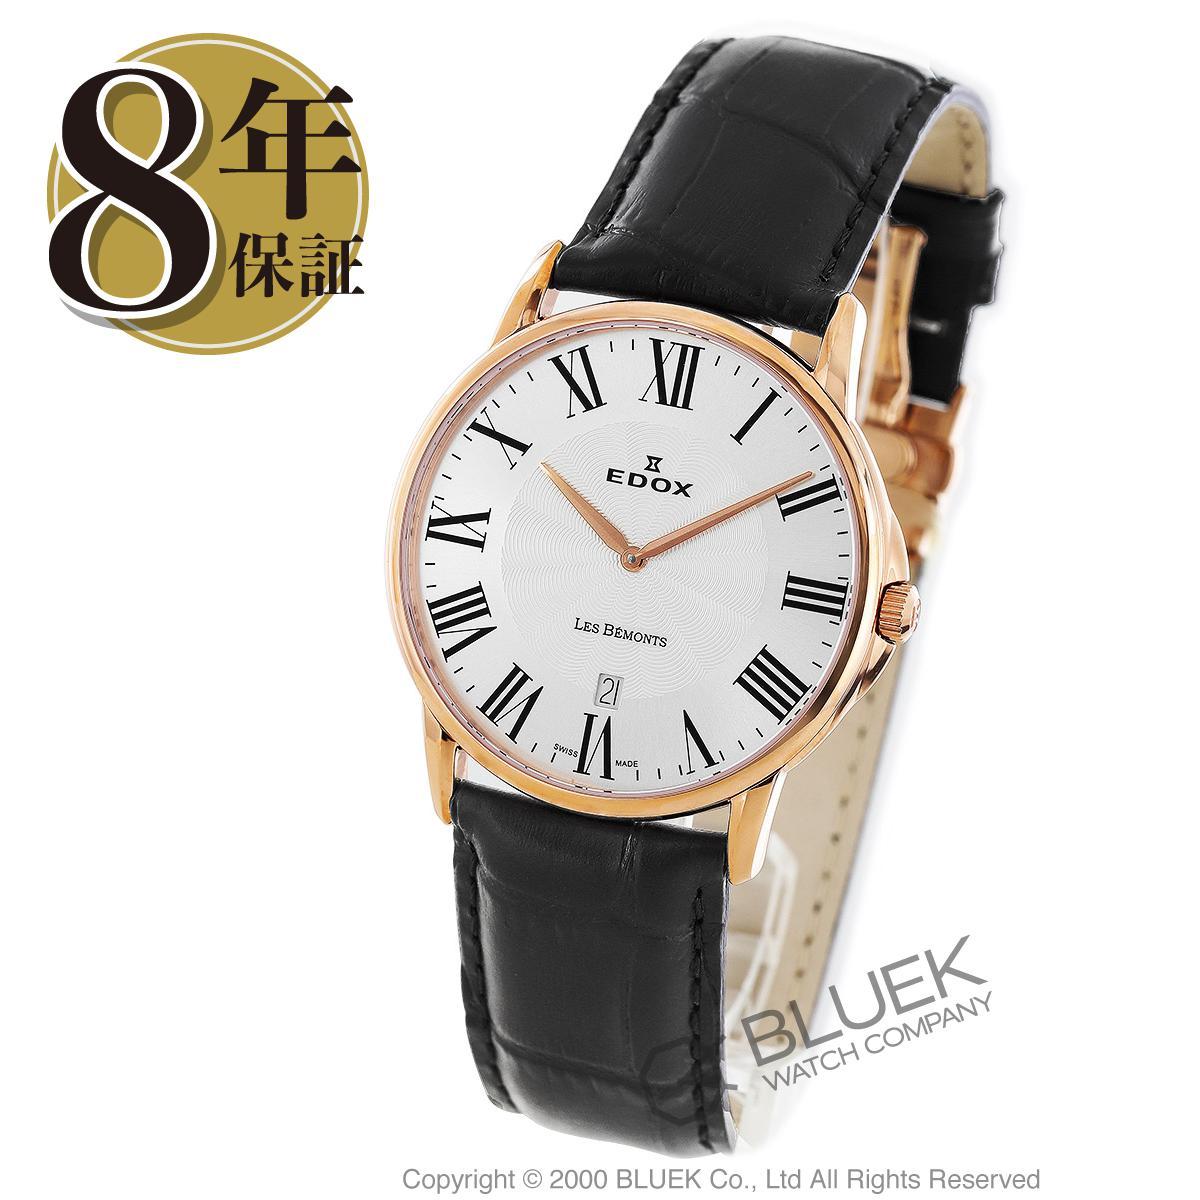 【最大3万円割引クーポン 11/01~】エドックス レ・ベモン ウルトラスリム 腕時計 メンズ EDOX 56001-37R-AR_8